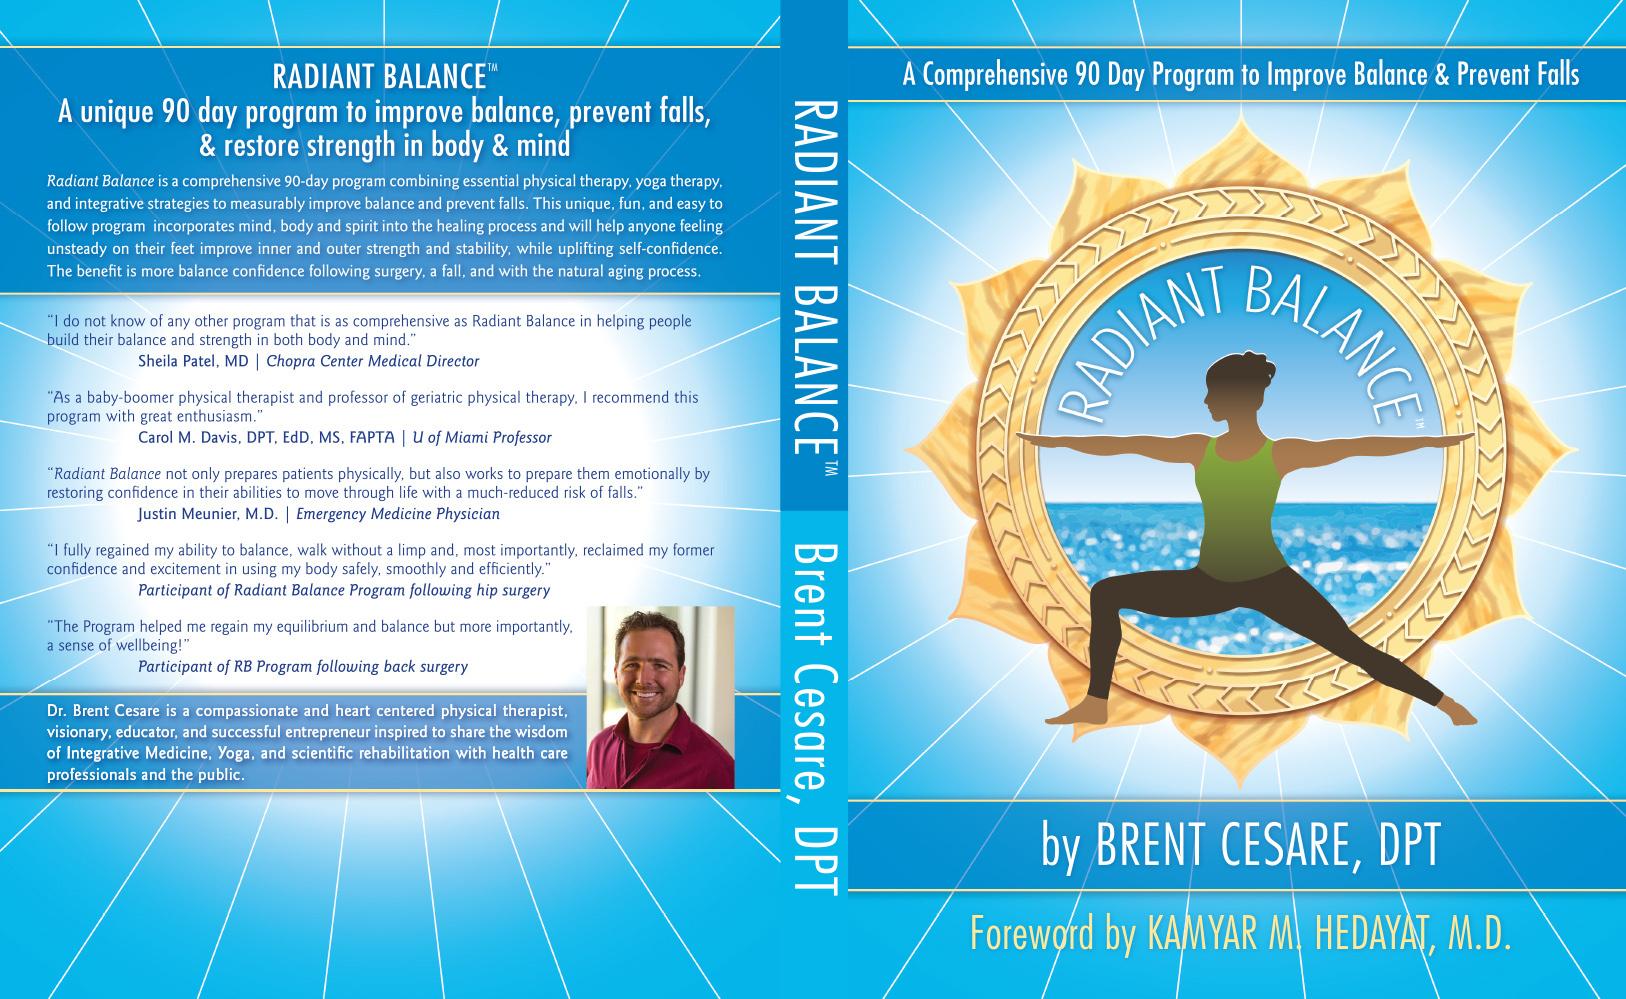 Radiant Balance | Brent Cesare, DPT